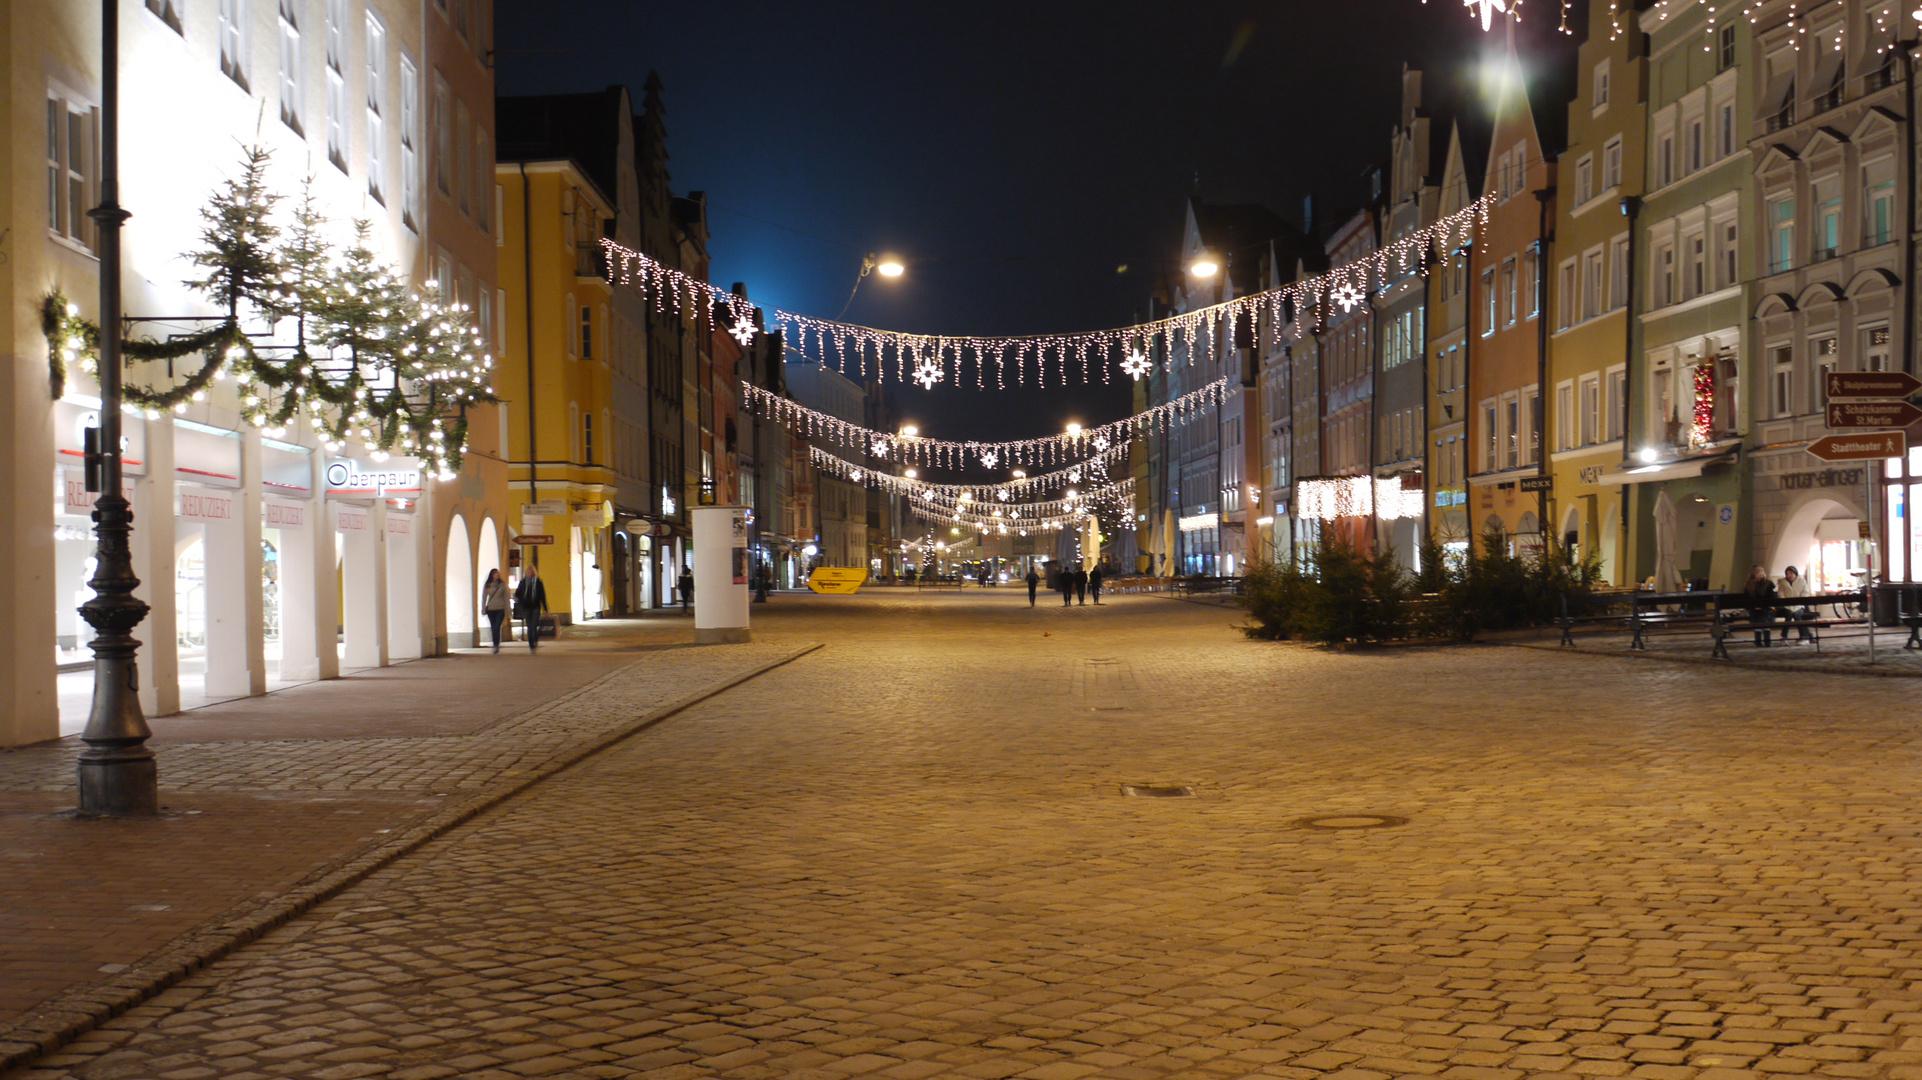 Winter in Landshut